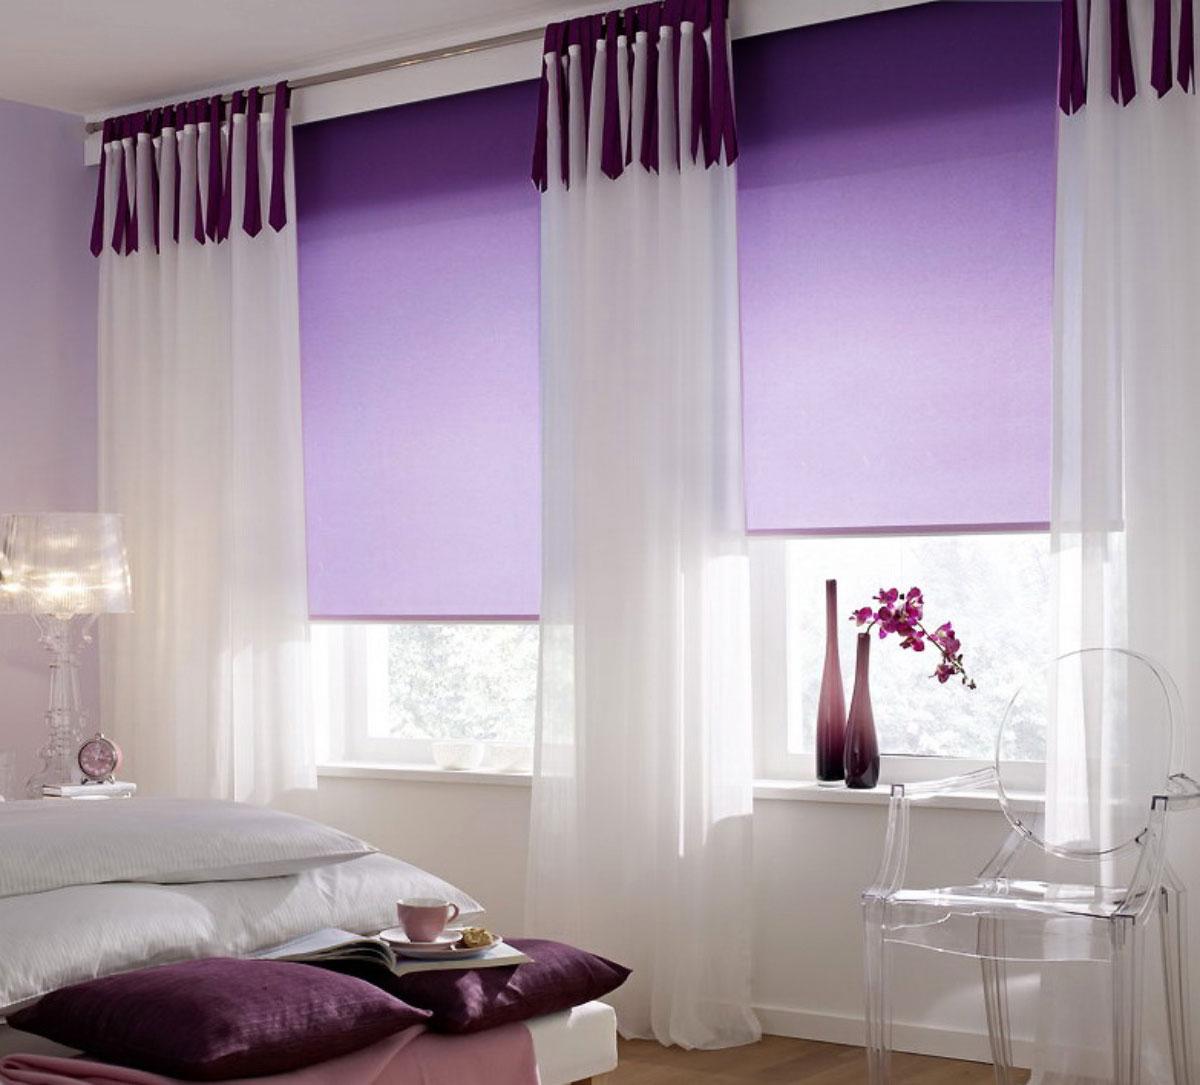 Штора рулонная Миниролло, 57х170см, тканевые, цвет: фиолетовый3057007Рулонная штора Миниролло выполнена из высокопрочной ткани, которая сохраняет свой размер даже при намокании. Ткань не выцветает и обладает отличной цветоустойчивостью. Миниролло - это подвид рулонных штор, который закрывает не весь оконный проем, а непосредственно само стекло. Такие шторы крепятся на раму без сверления при помощи зажимов или клейкой двухсторонней ленты. Окно остается на гарантии, благодаря монтажу без сверления. Такая штора станет прекрасным элементом декора окна и гармонично впишется в интерьер любого помещения.